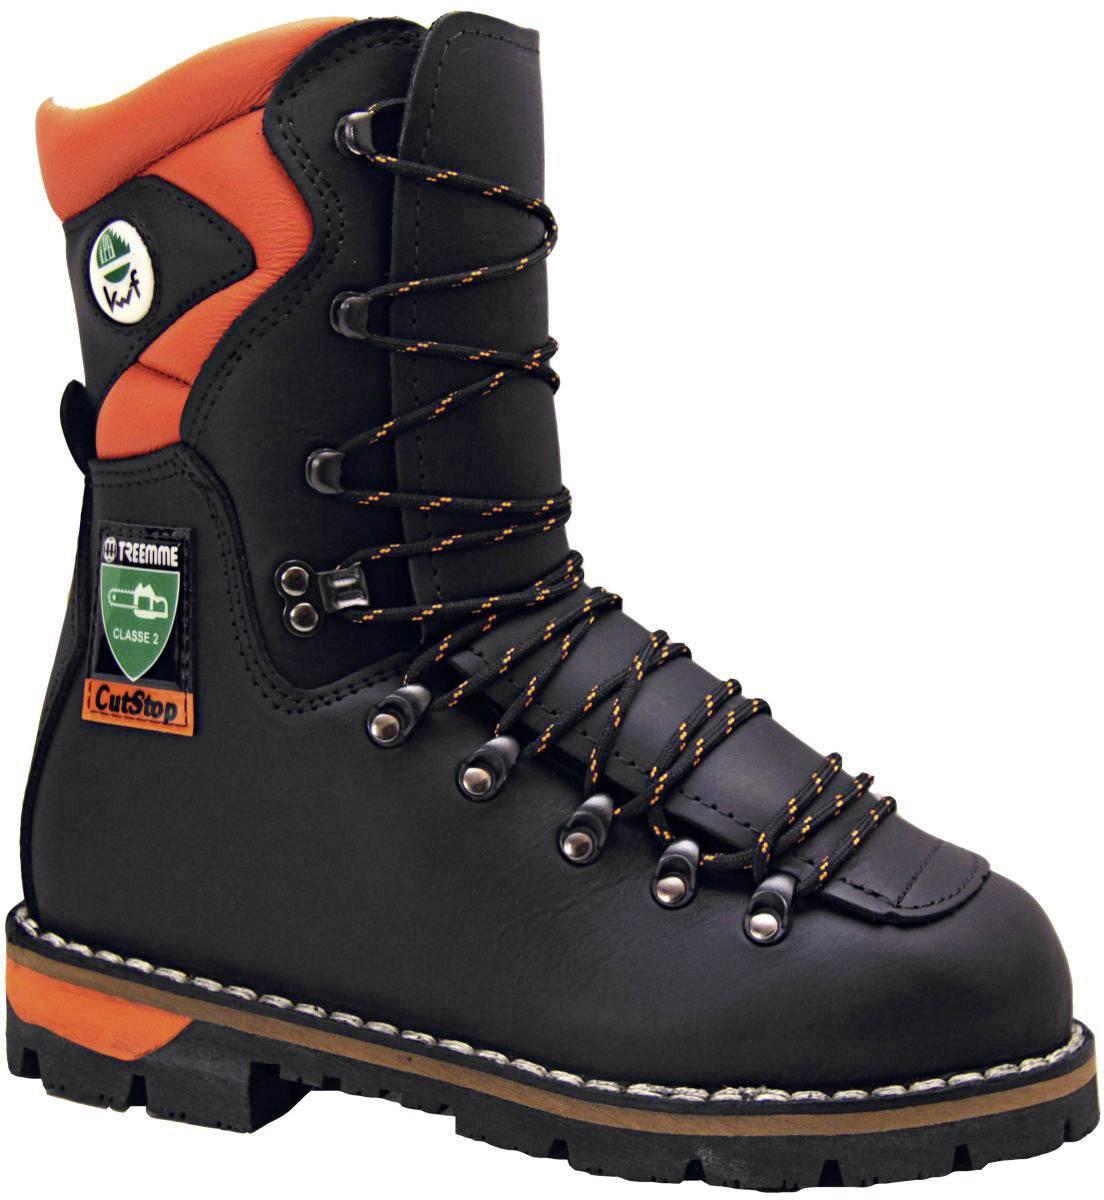 Bezpečnostní obuv s ochranou proti pořezání S3 Treemme 2435, vel.: 46, černá, 1 pár